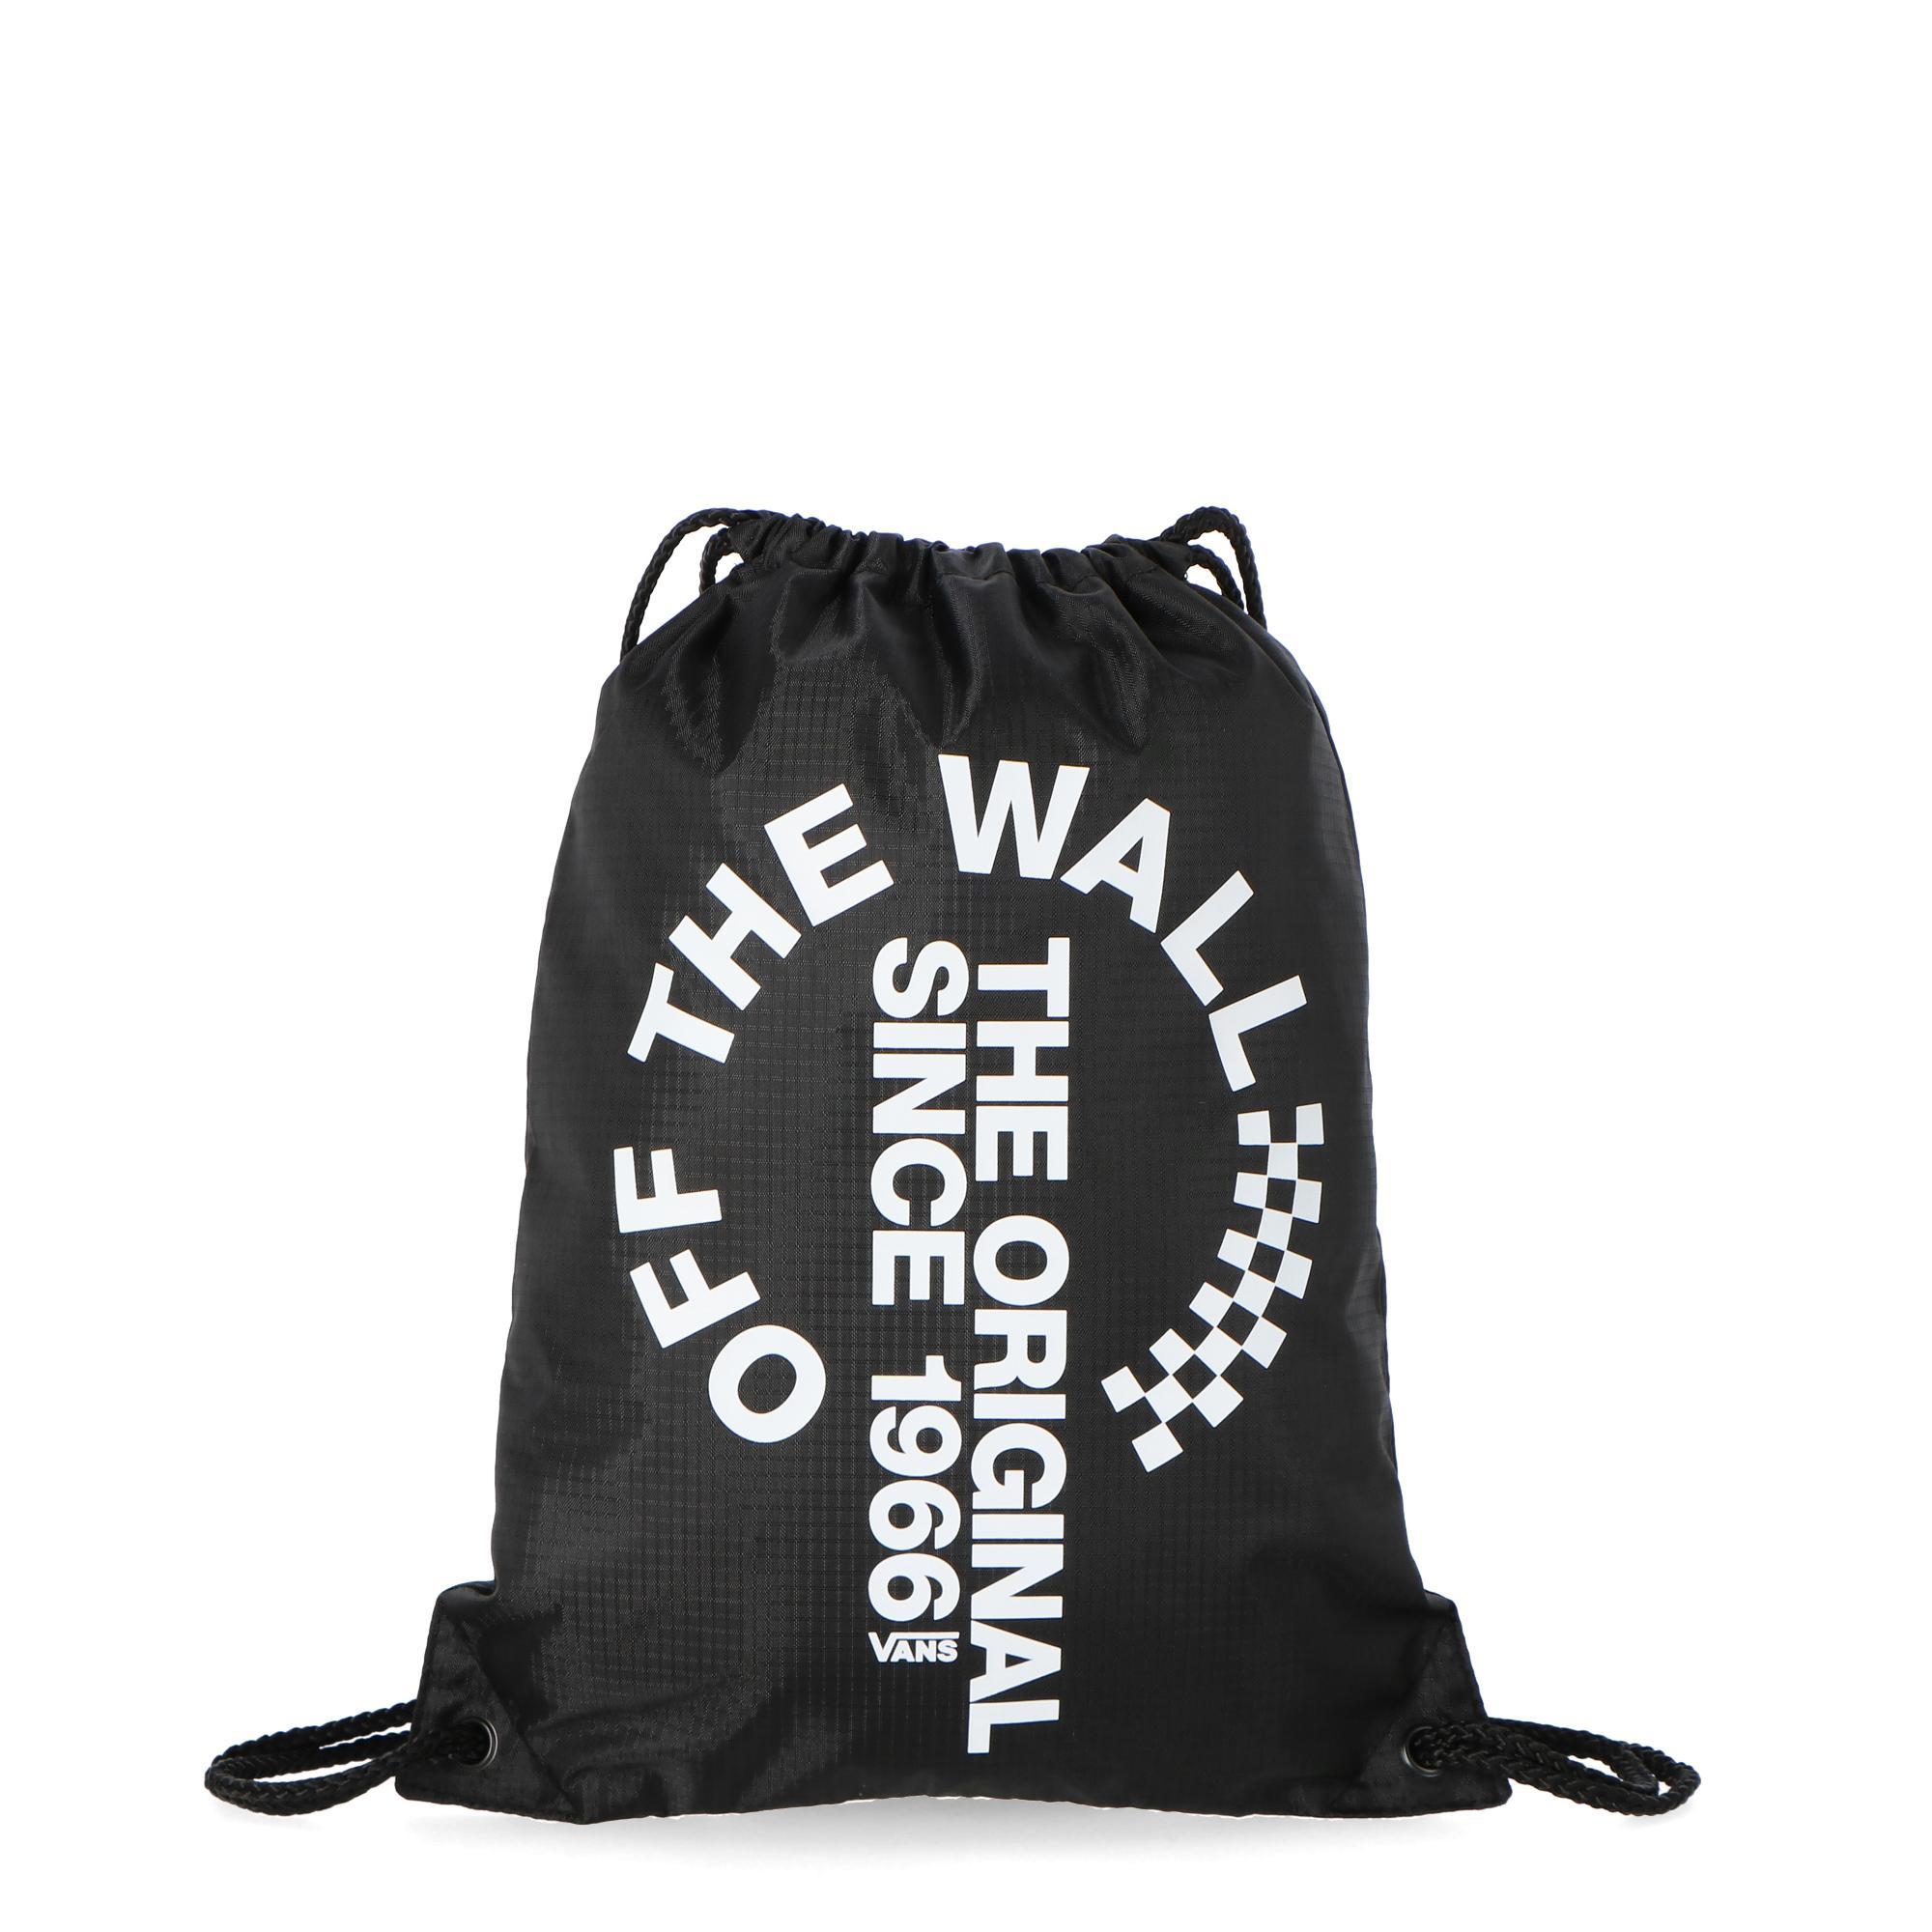 198afc69fa6 Vans League Bench Bag Black White | Treesse